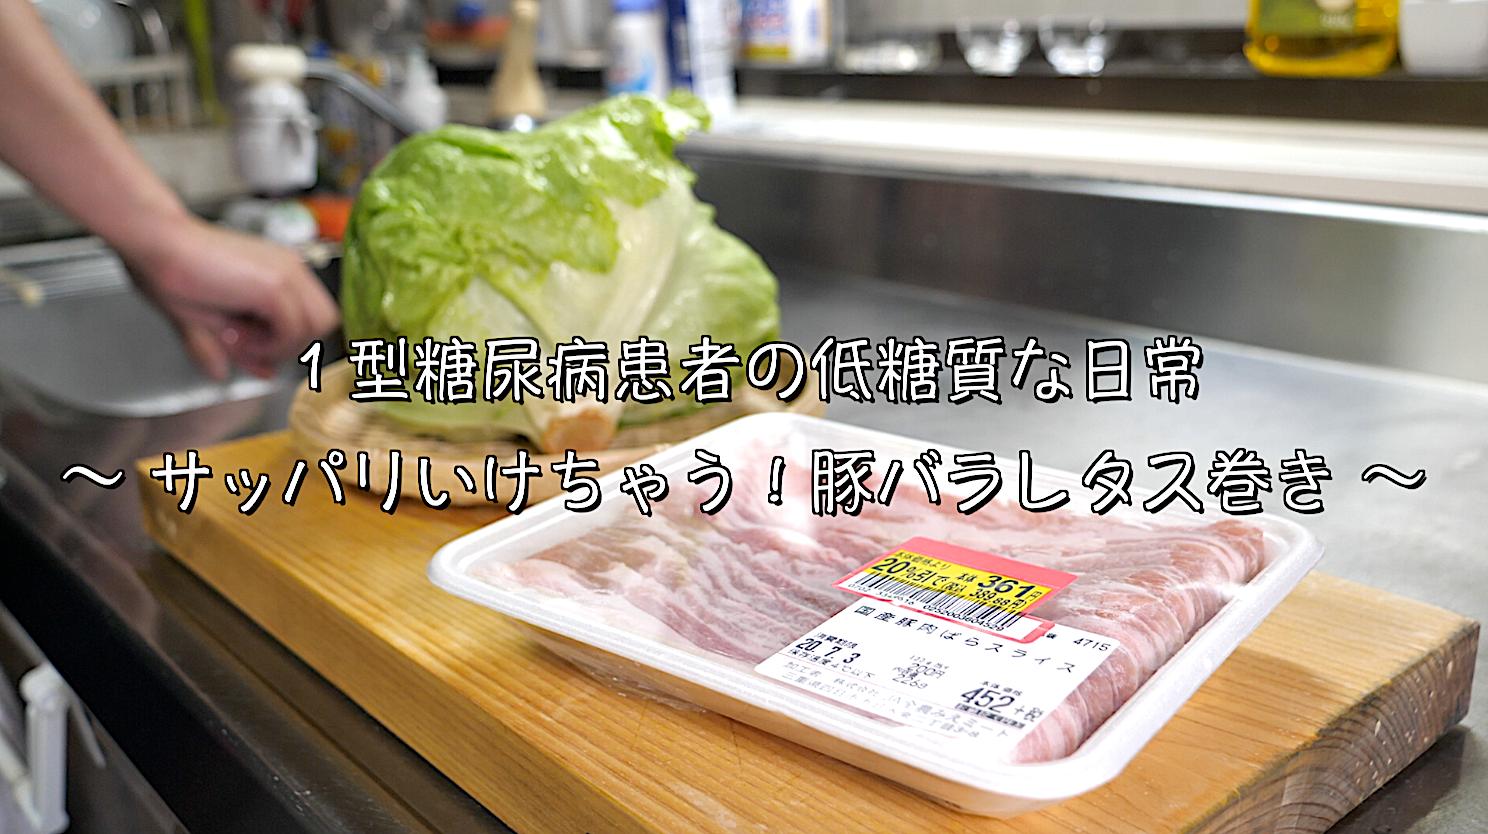 レタス 低糖質 肉巻き レシピ